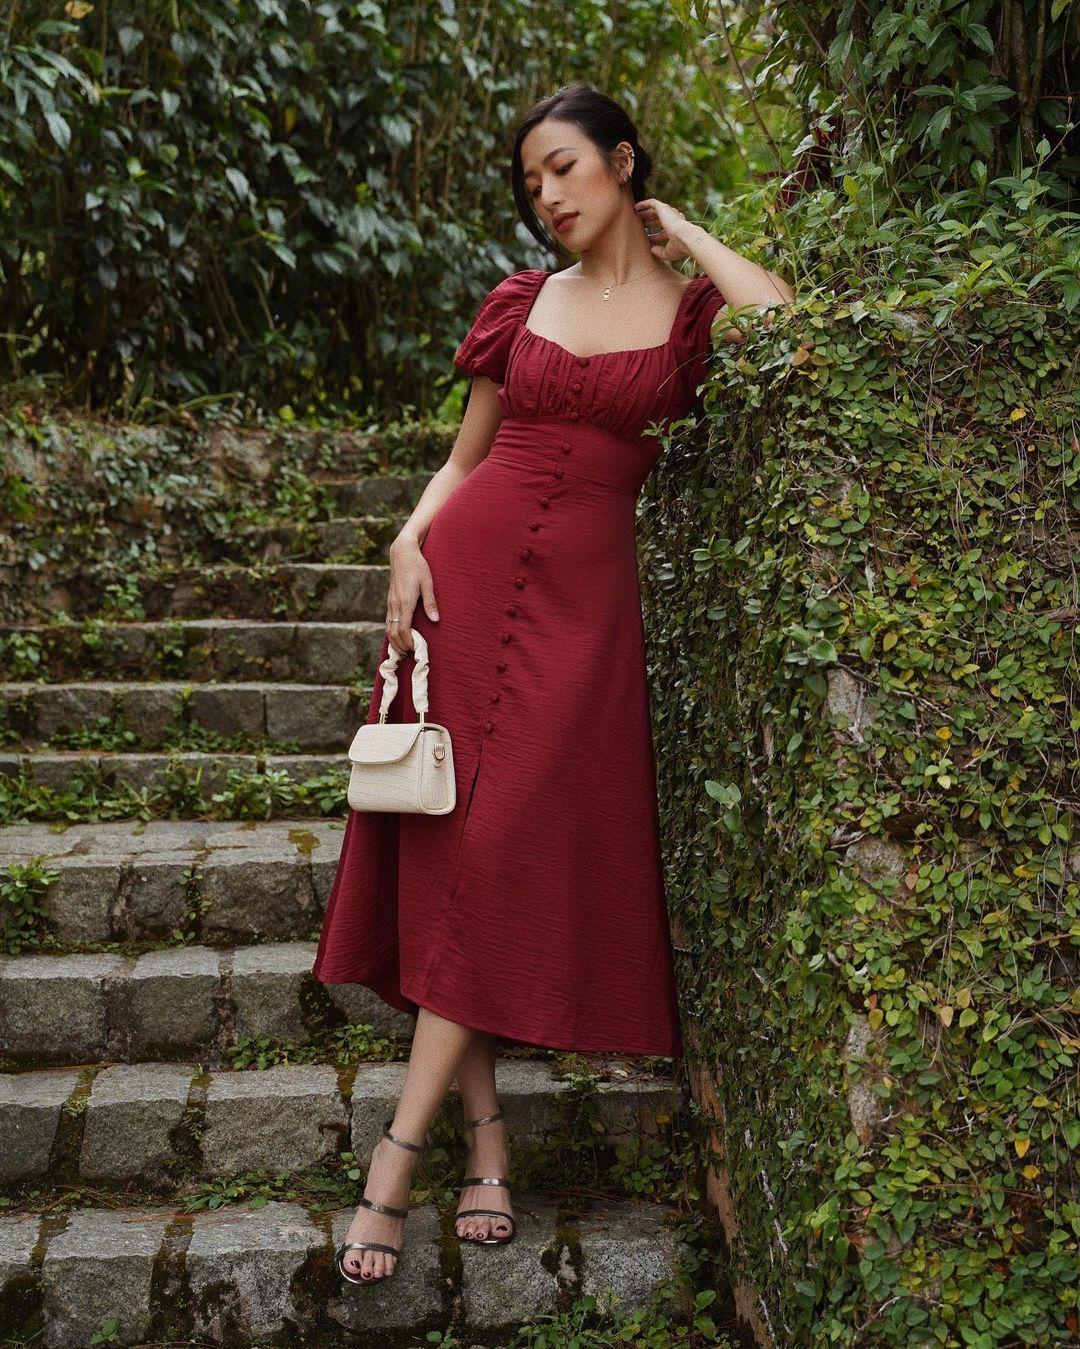 """10 mẫu váy đỏ rất sang chứ không hề chóe của các shop thời trang Việt, sắm ngay để năm mới """"đỏ thôi đen quên đi"""" - Ảnh 13."""